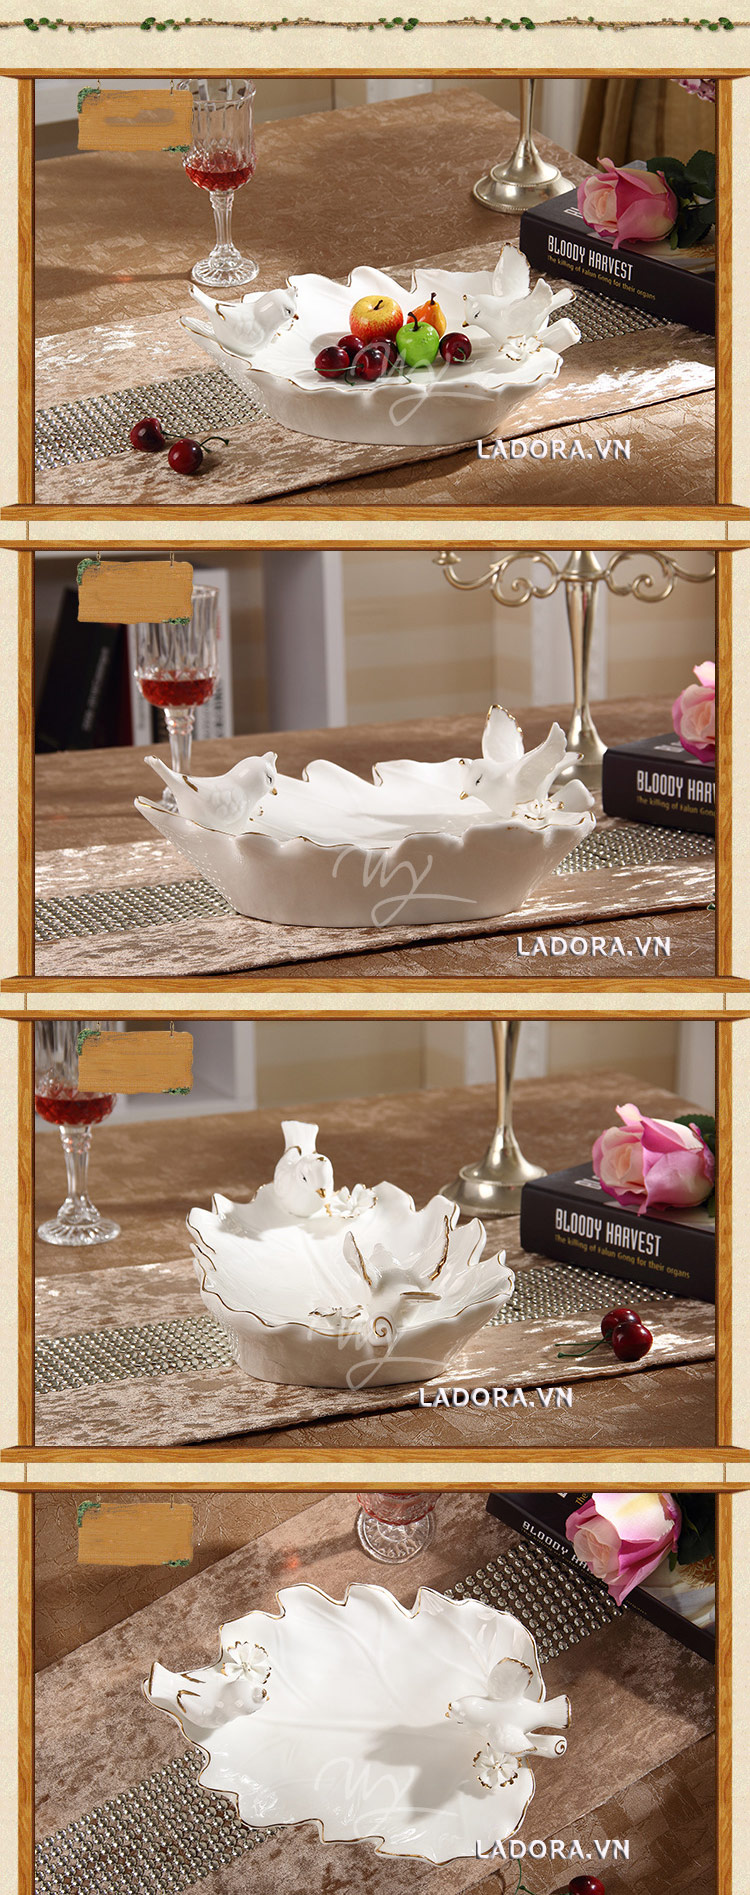 đĩa đựng hoa quả đẹp tại ladora.vnđĩa đựng hoa quả đẹp tại ladora.vn